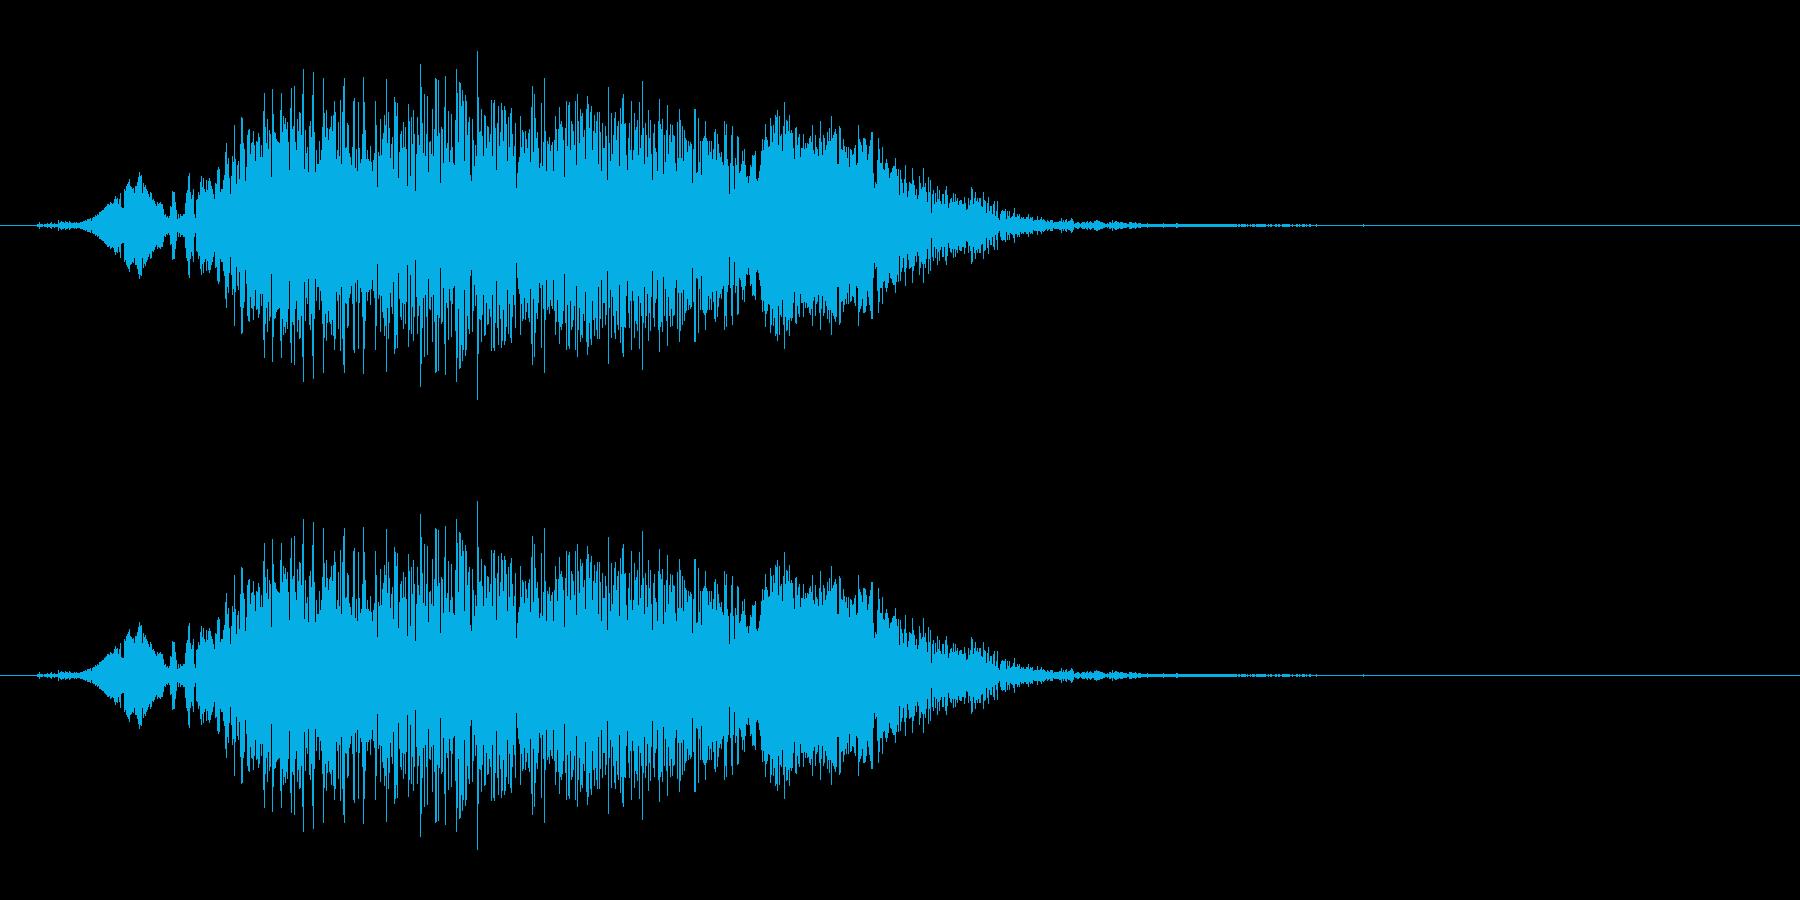 若い女性(複数)の悲鳴「きゃー」の再生済みの波形